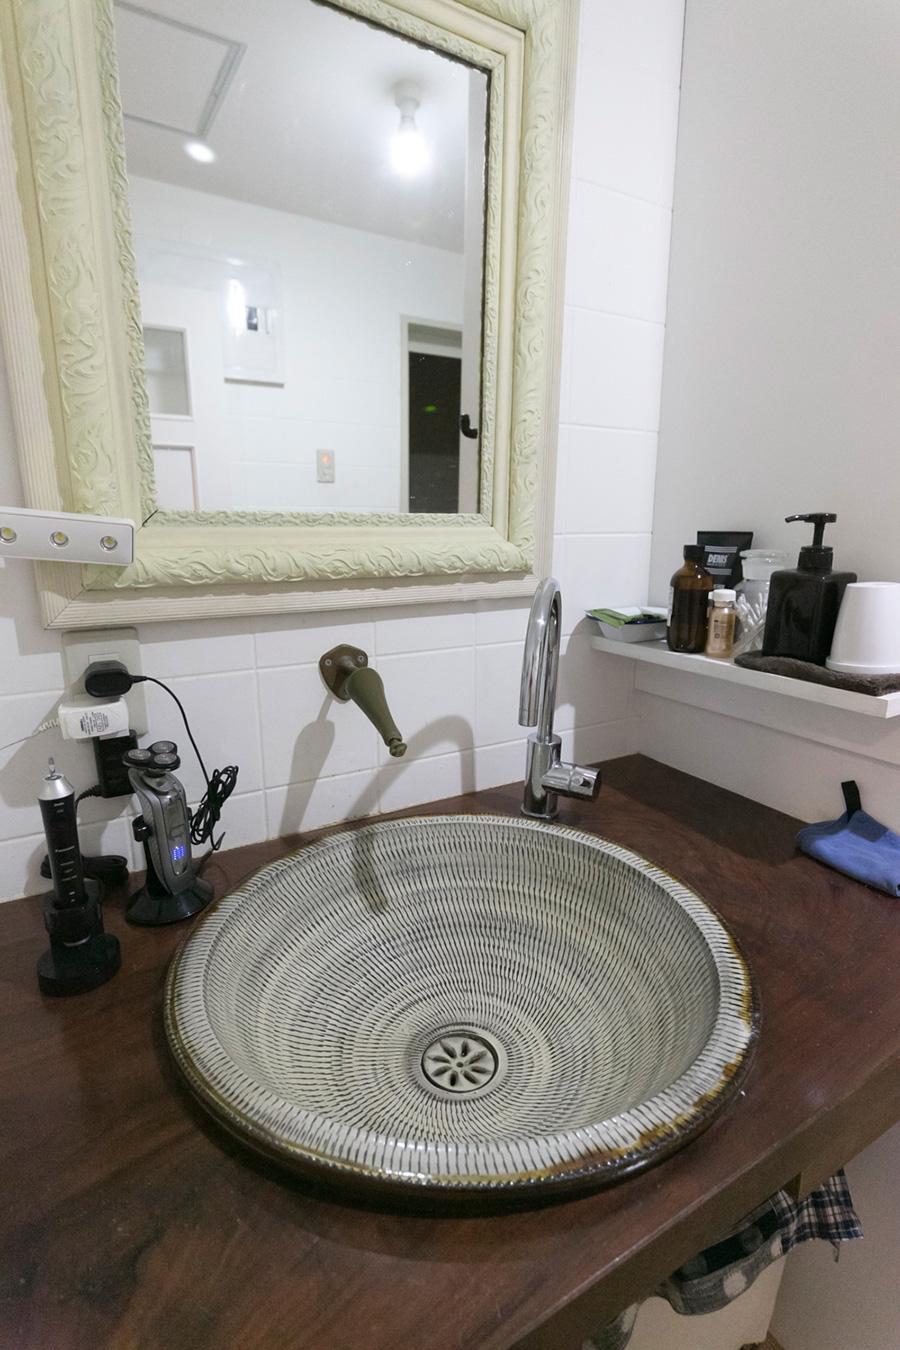 大分の小鹿田焼を洗面ボウルに。天板をボウルのサイズに合わせてくりぬき、洗面台に。